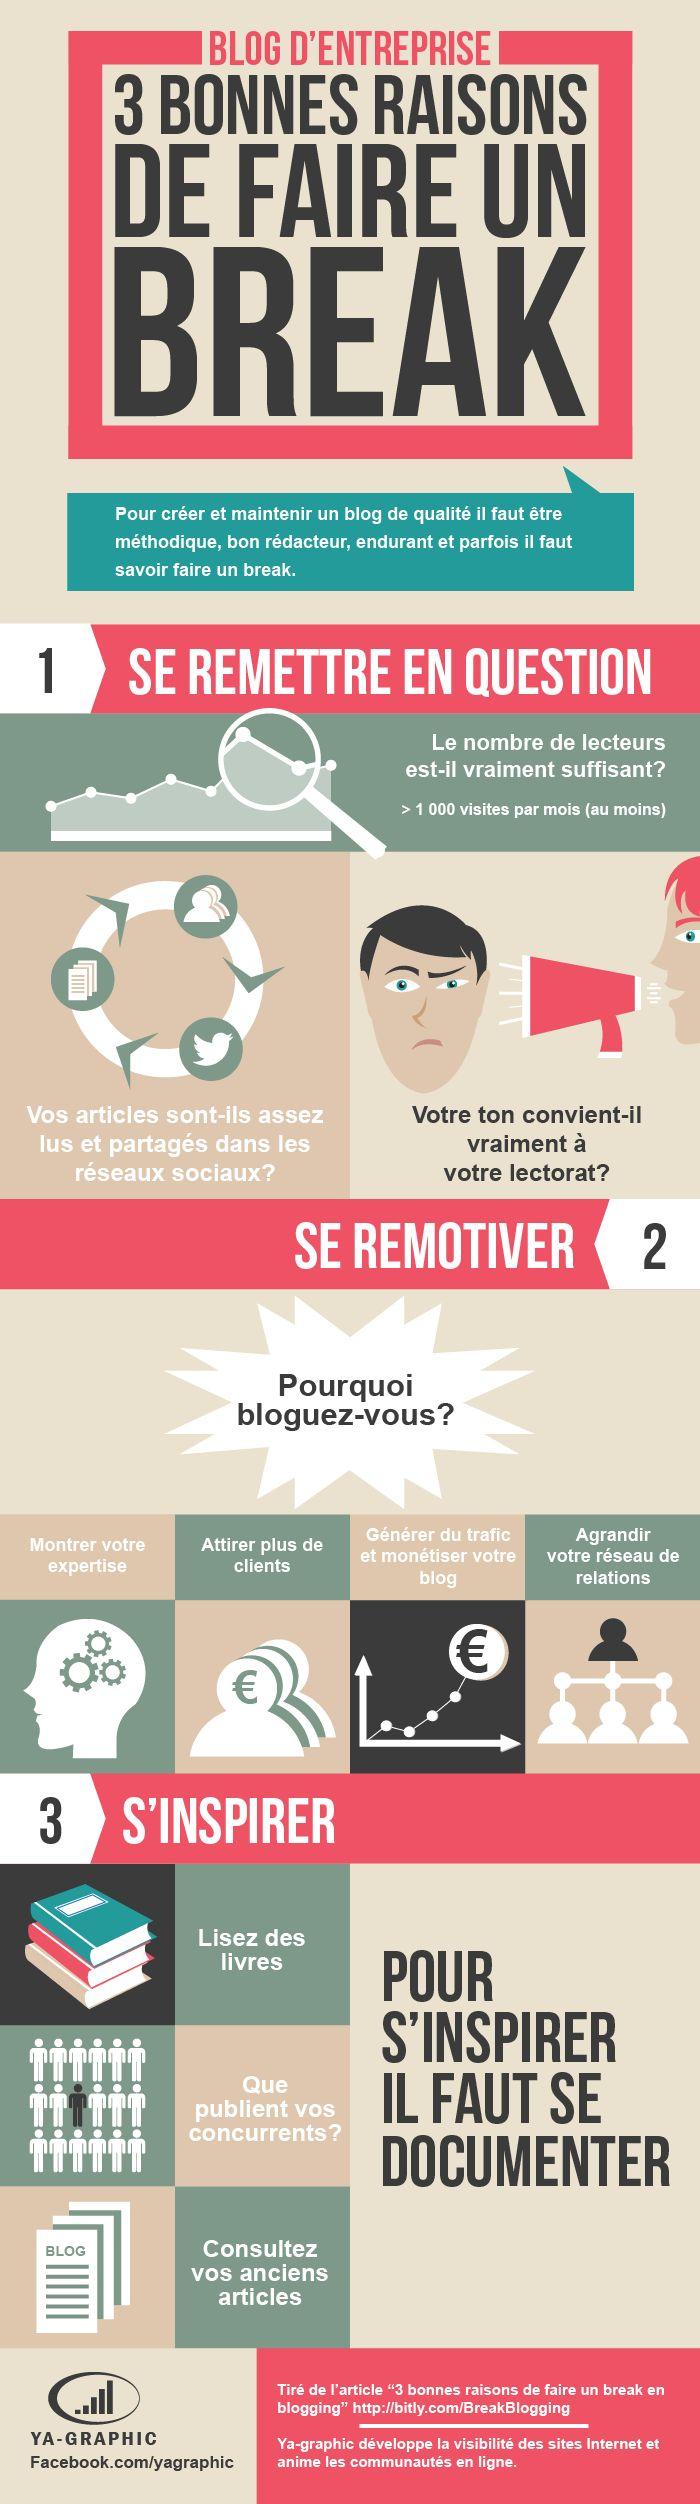 #infographie Savoir faire un break quand on gère un blog d'entreprise.